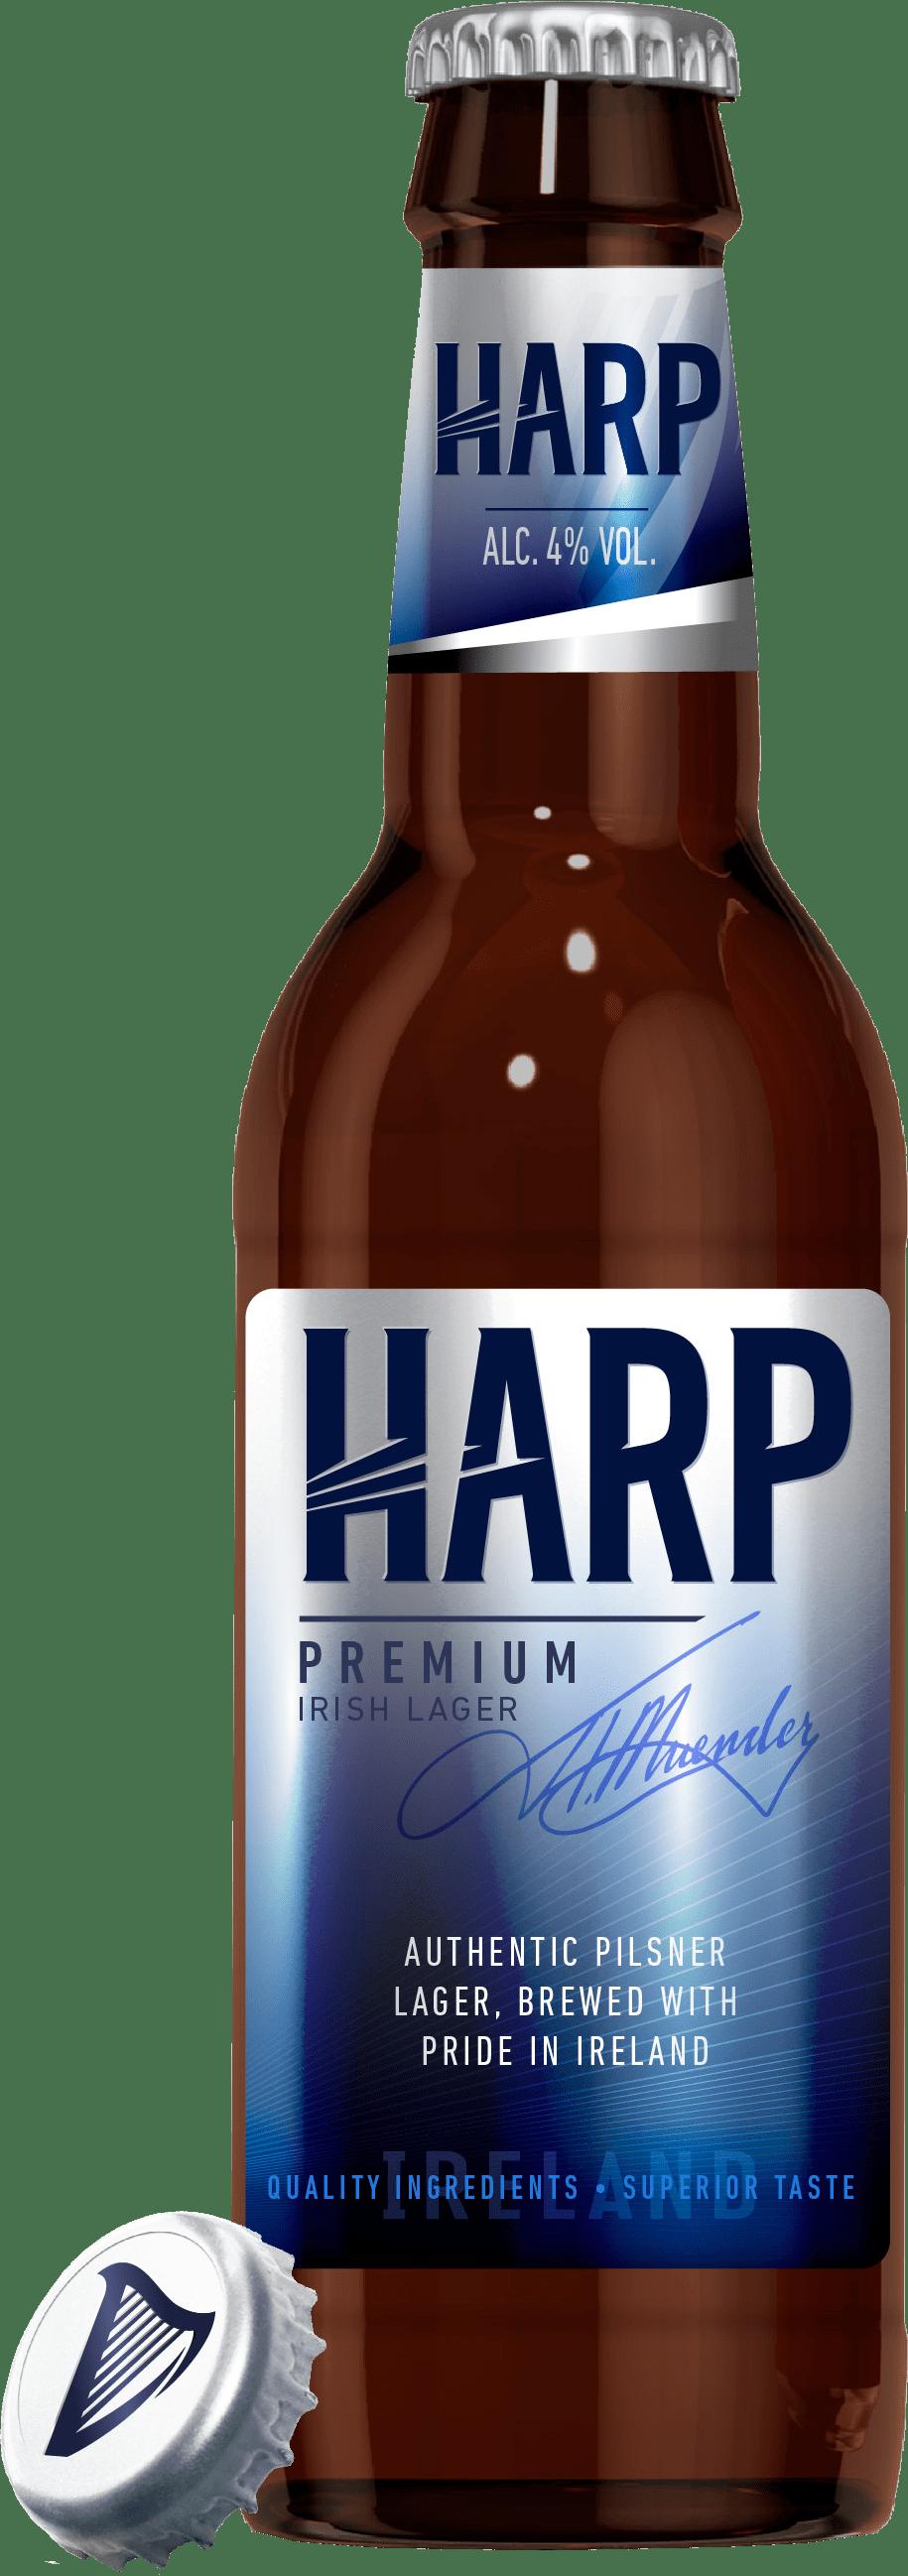 Пшеничное пиво: 2 рецепта варки пенного напитка, для новичков и опытных пивоваров